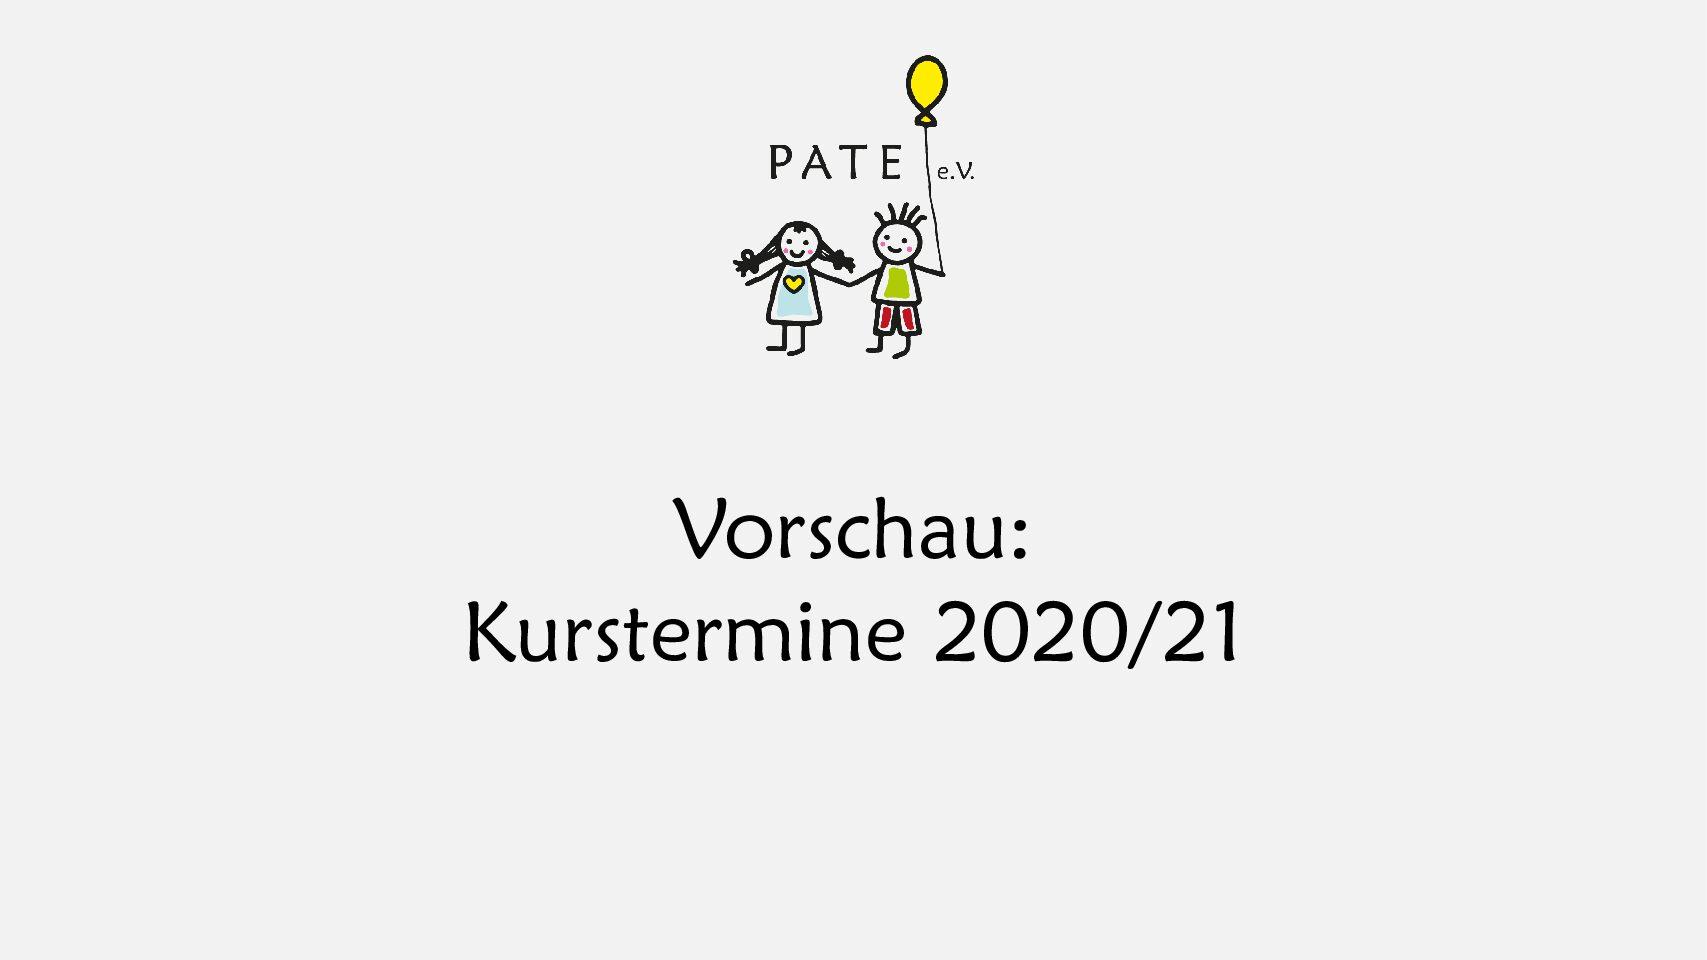 Vorschau: Kurstermine Schulungsjahr 2020/21